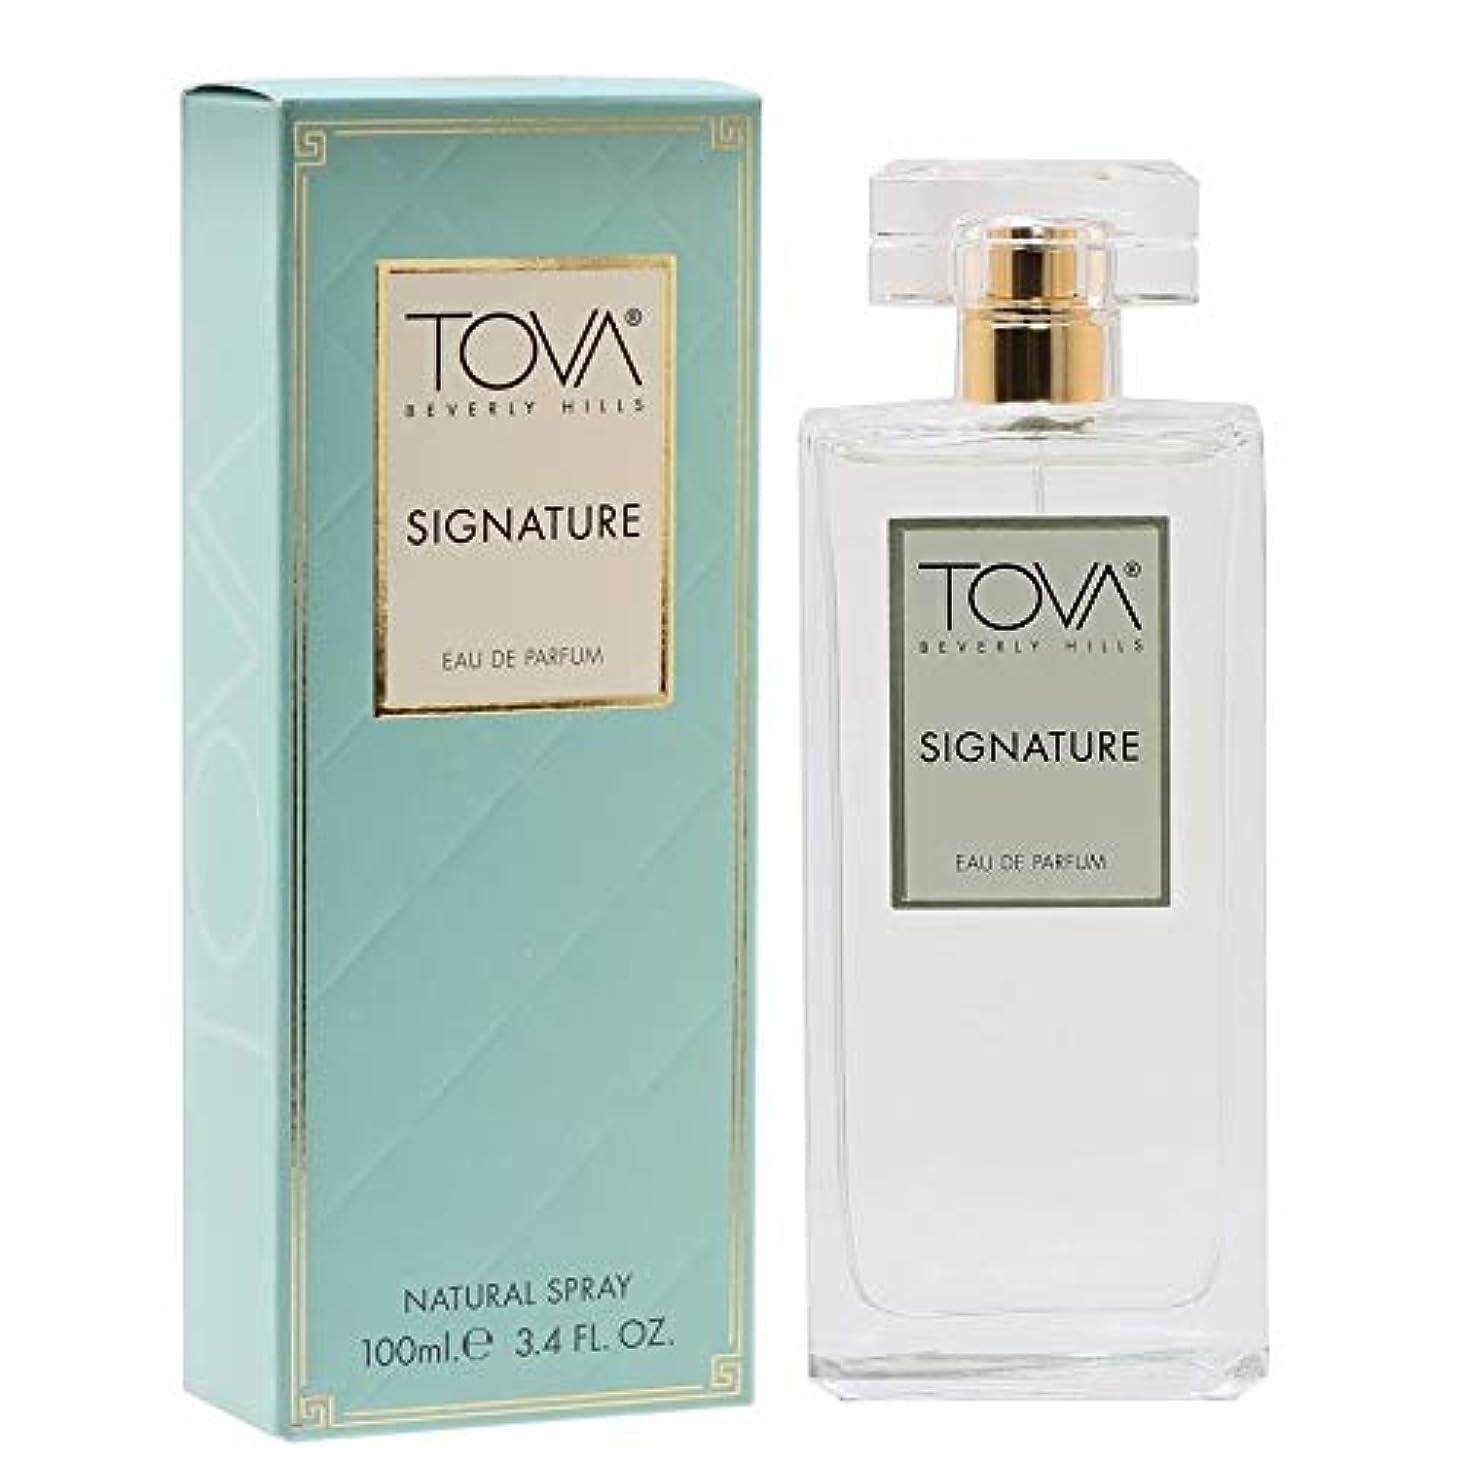 ラジウム抜け目のないローラーTova Signature Fragrance (トヴァ シグネチャ- フレグランス) 3.4 oz (100ml) EDP Spray (New Package 新デザイン)